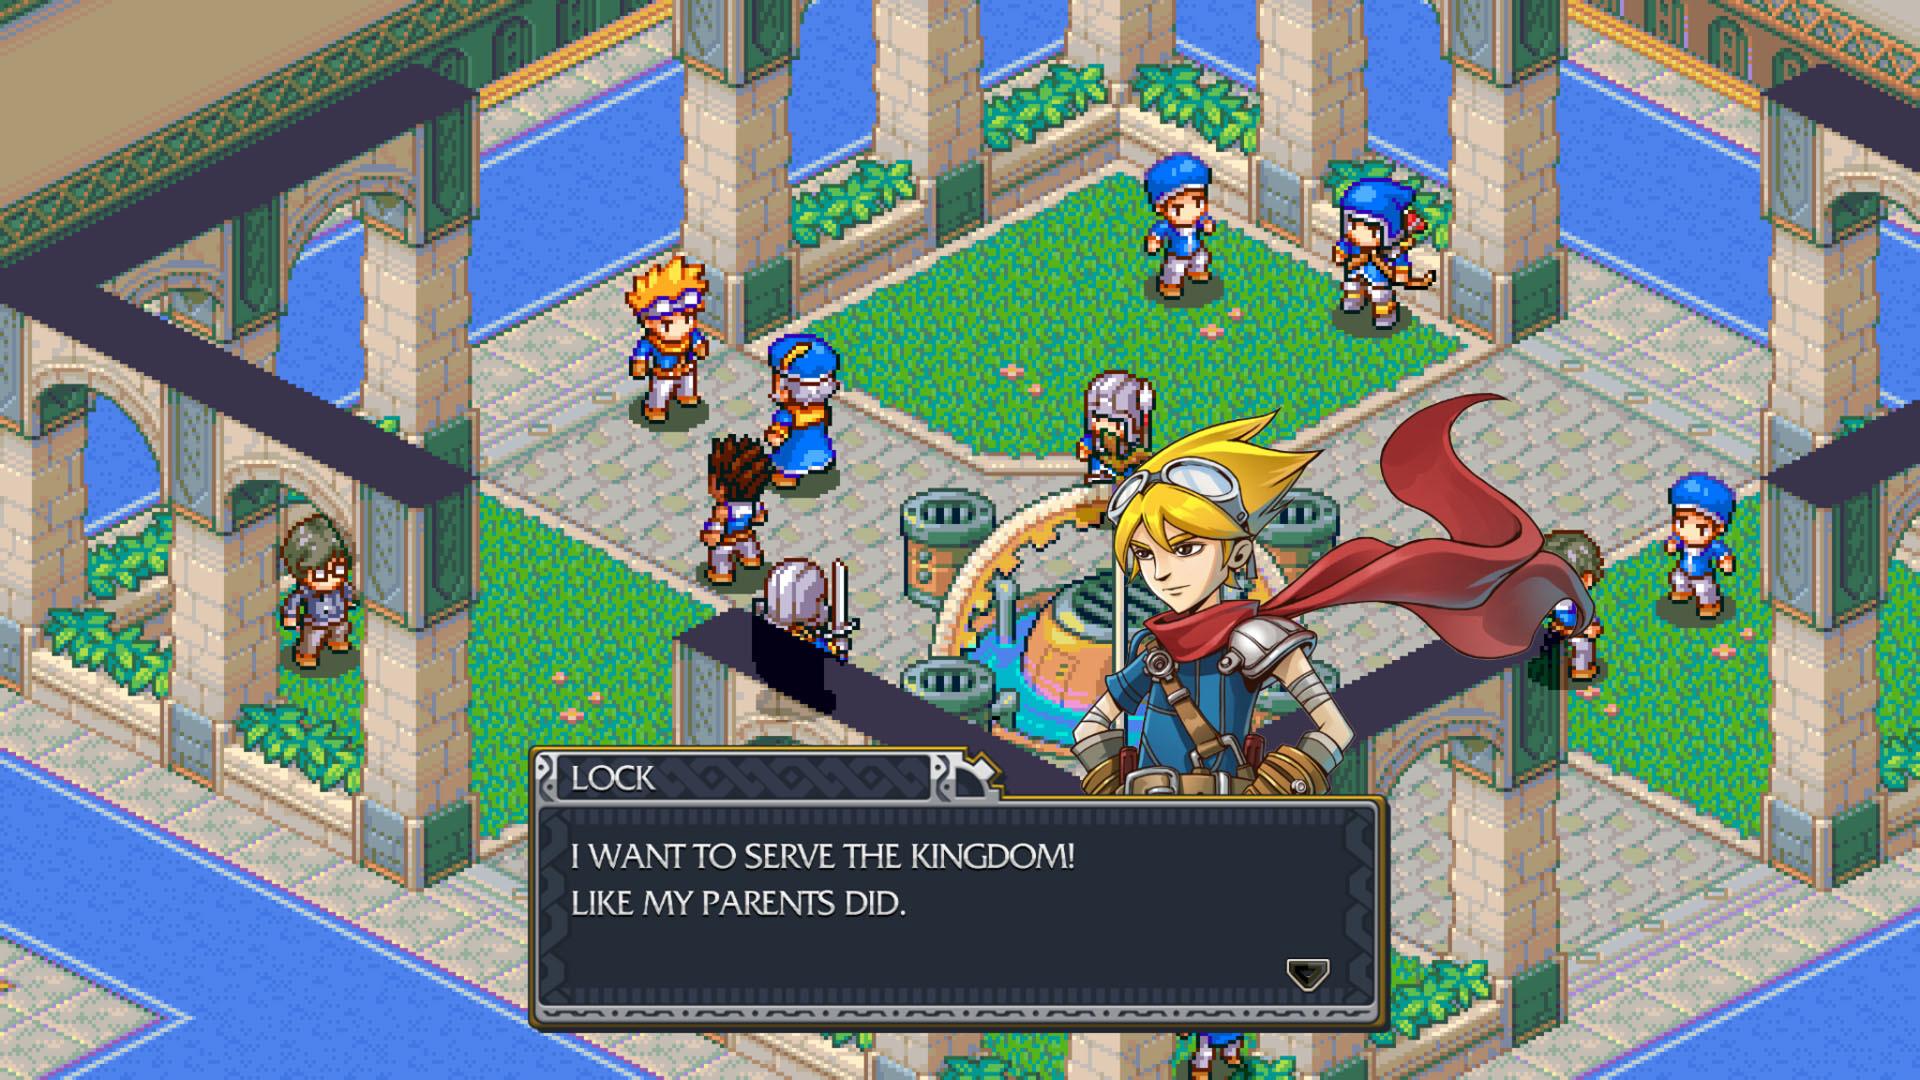 locks-quest-pc-screenshot-3